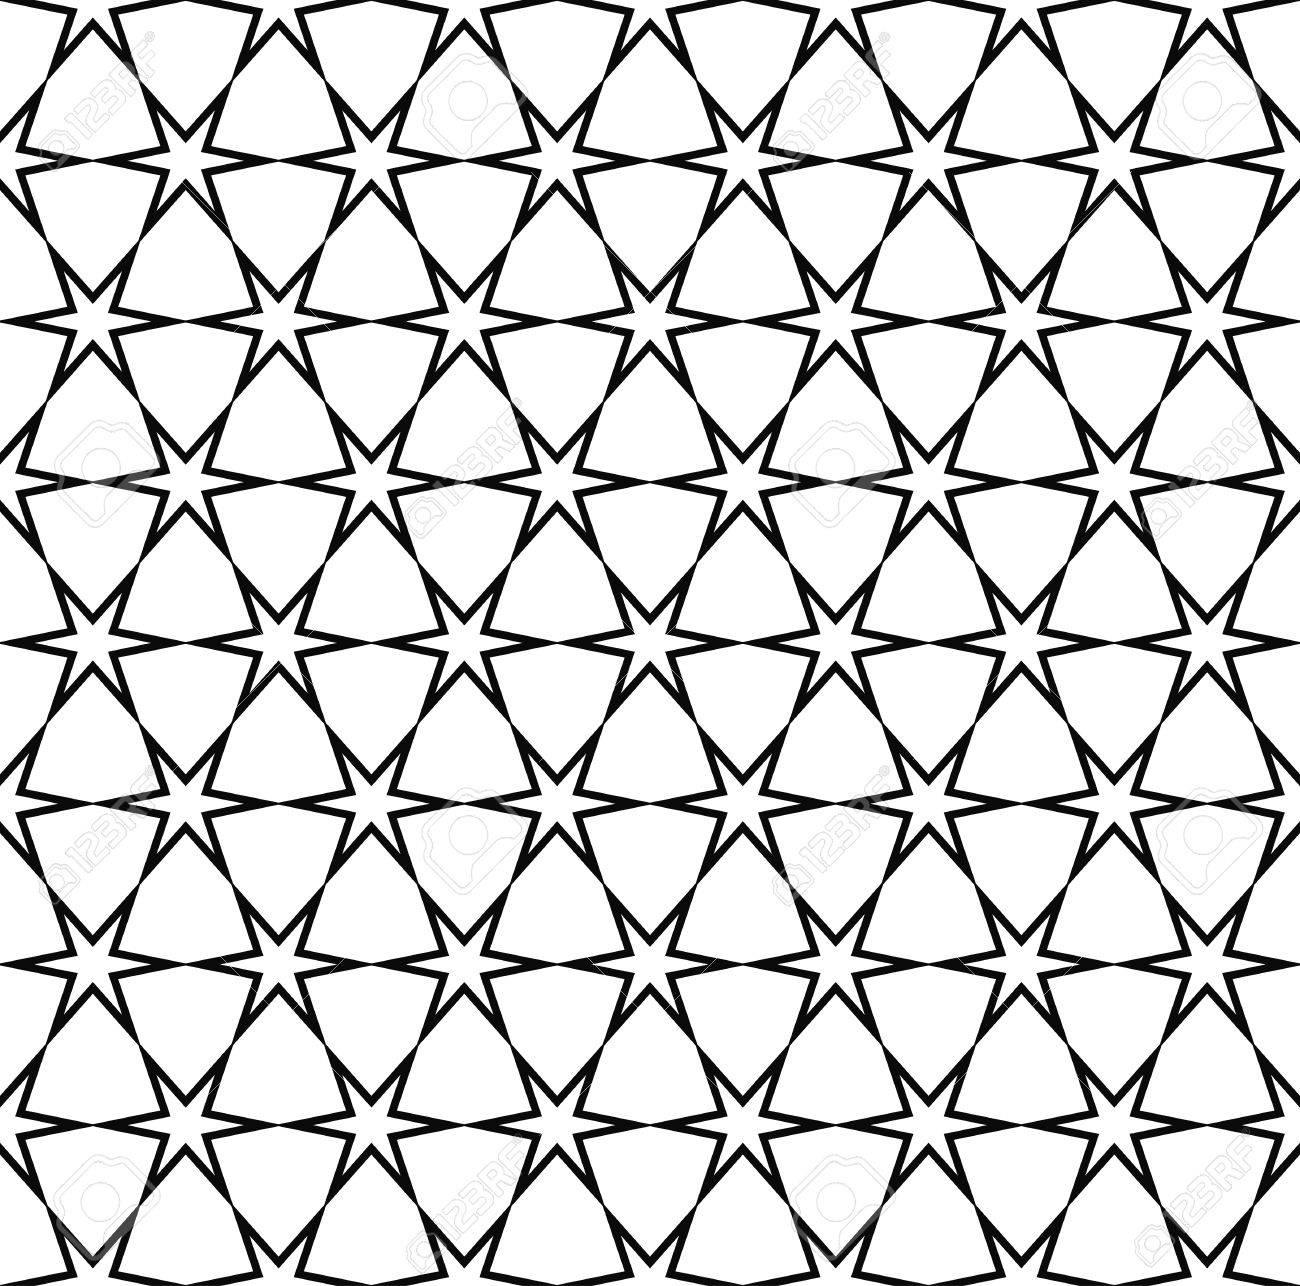 Seamless Black White Hexagonal Vector Star Pattern Design Background Stock  Vector   48123782